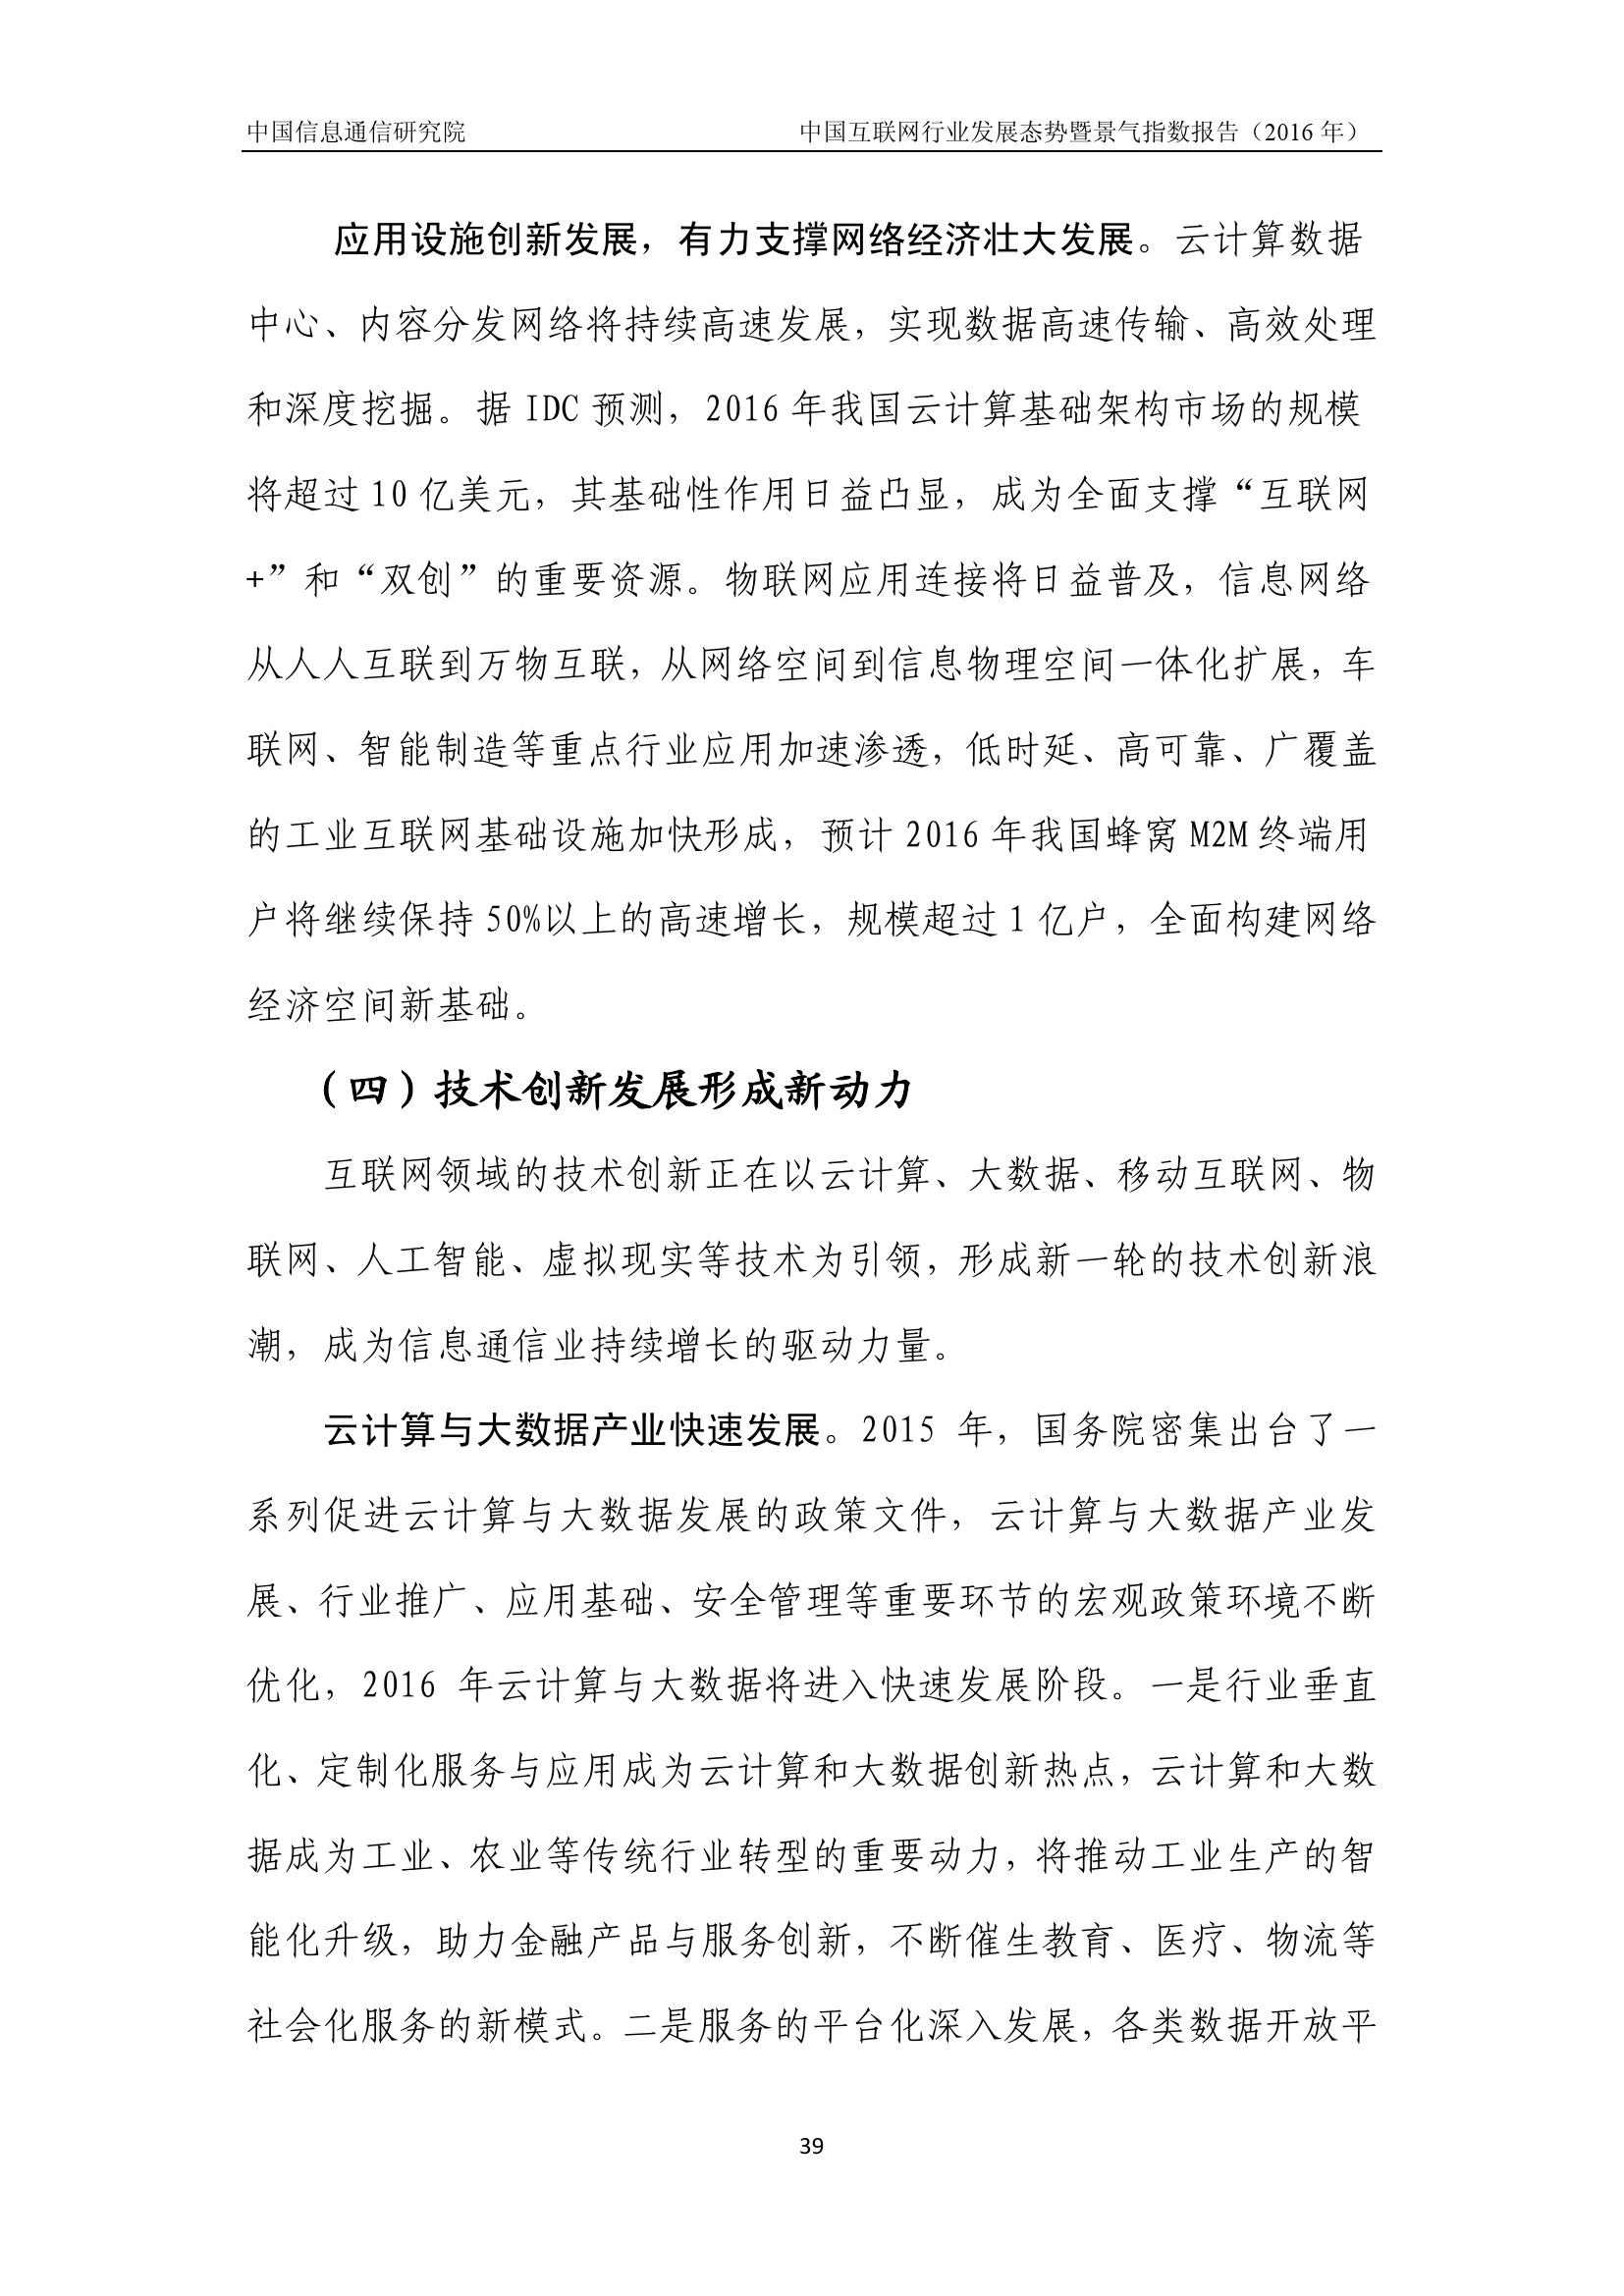 2016年中国互联网行业发展态势暨景气指数报告_000043